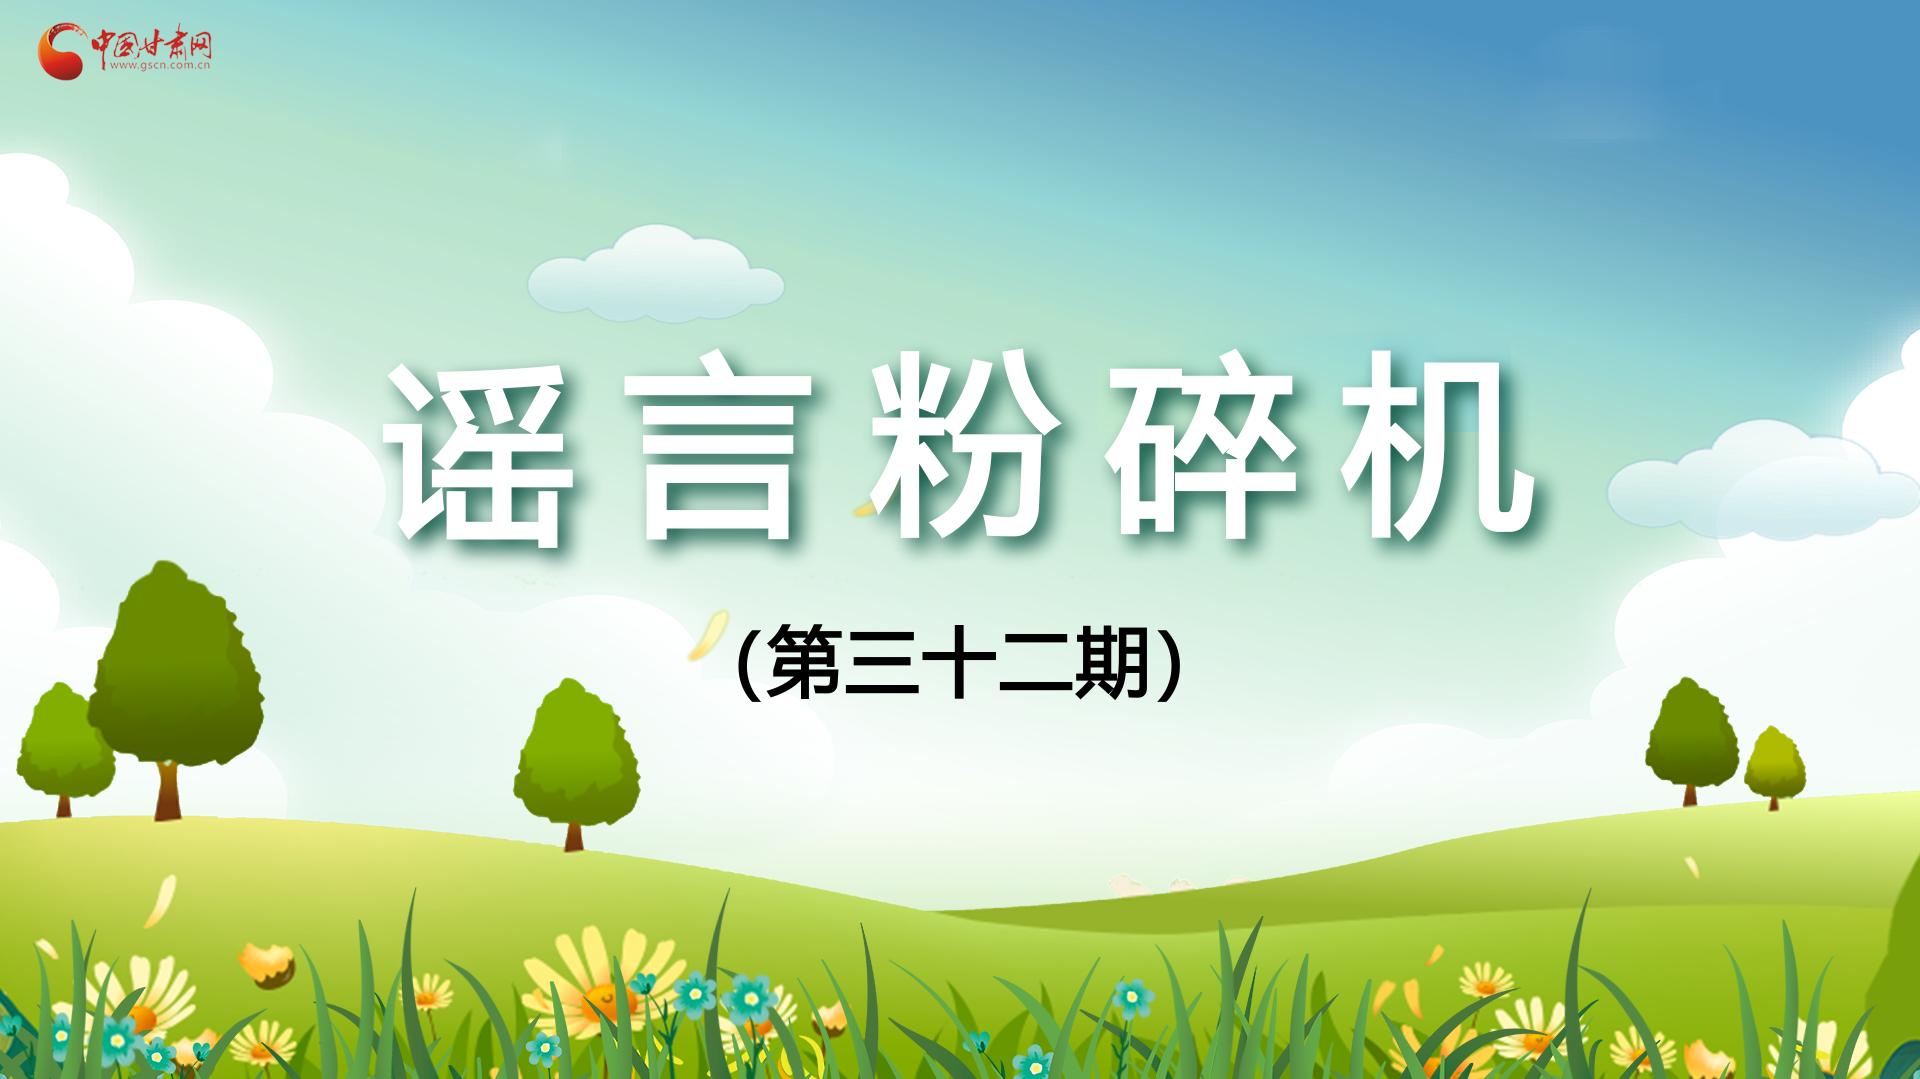 【洋芋蛋视频】谣言粉碎机(三十二)海南省尚未恢复跨省团队旅游!中国石化熔喷布价格上调24%?——假的!